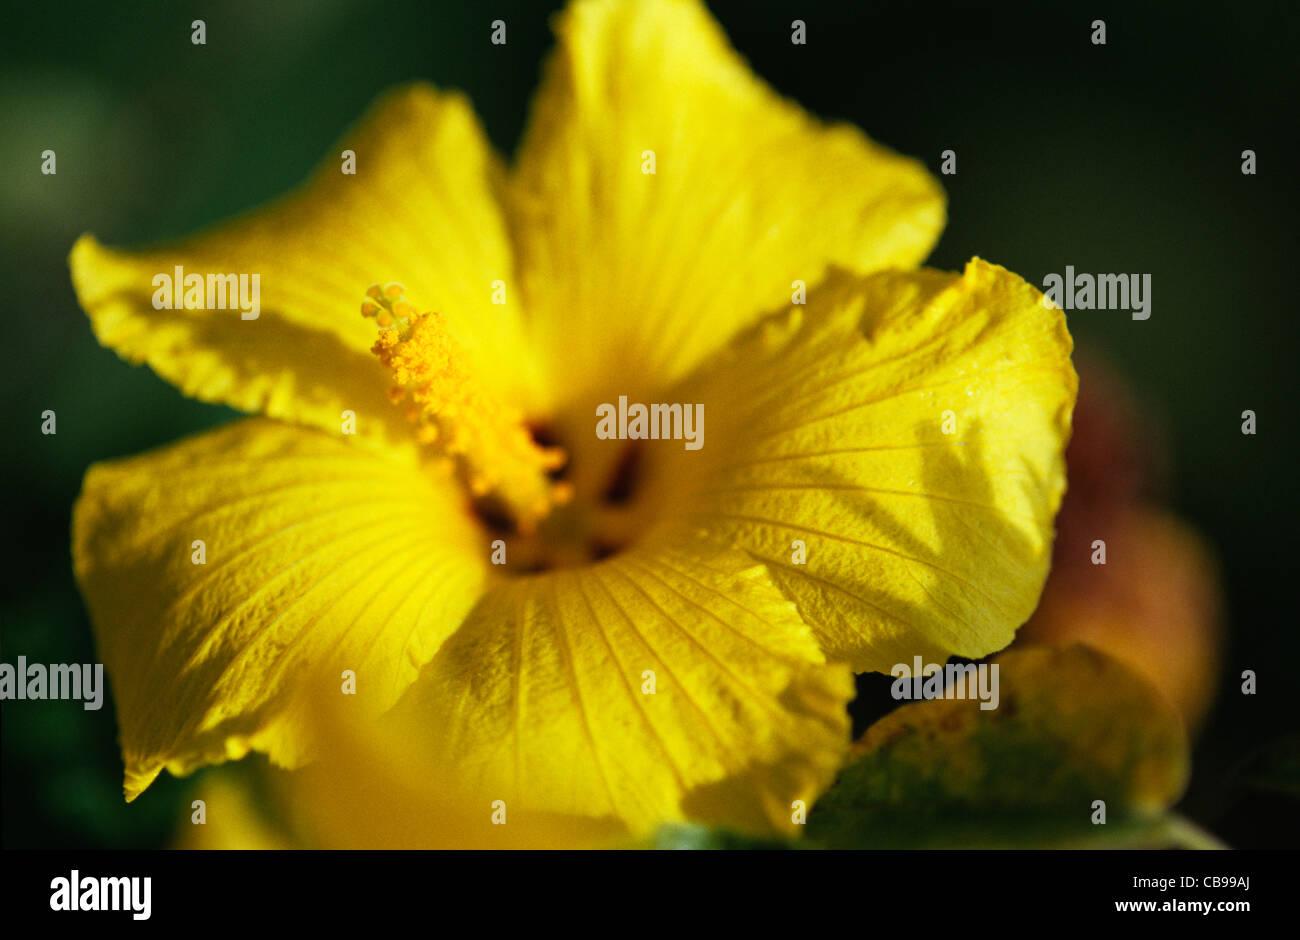 Hawaii Kauai Mao Hau Hele Hawaii State Flower Hibiscus Stock